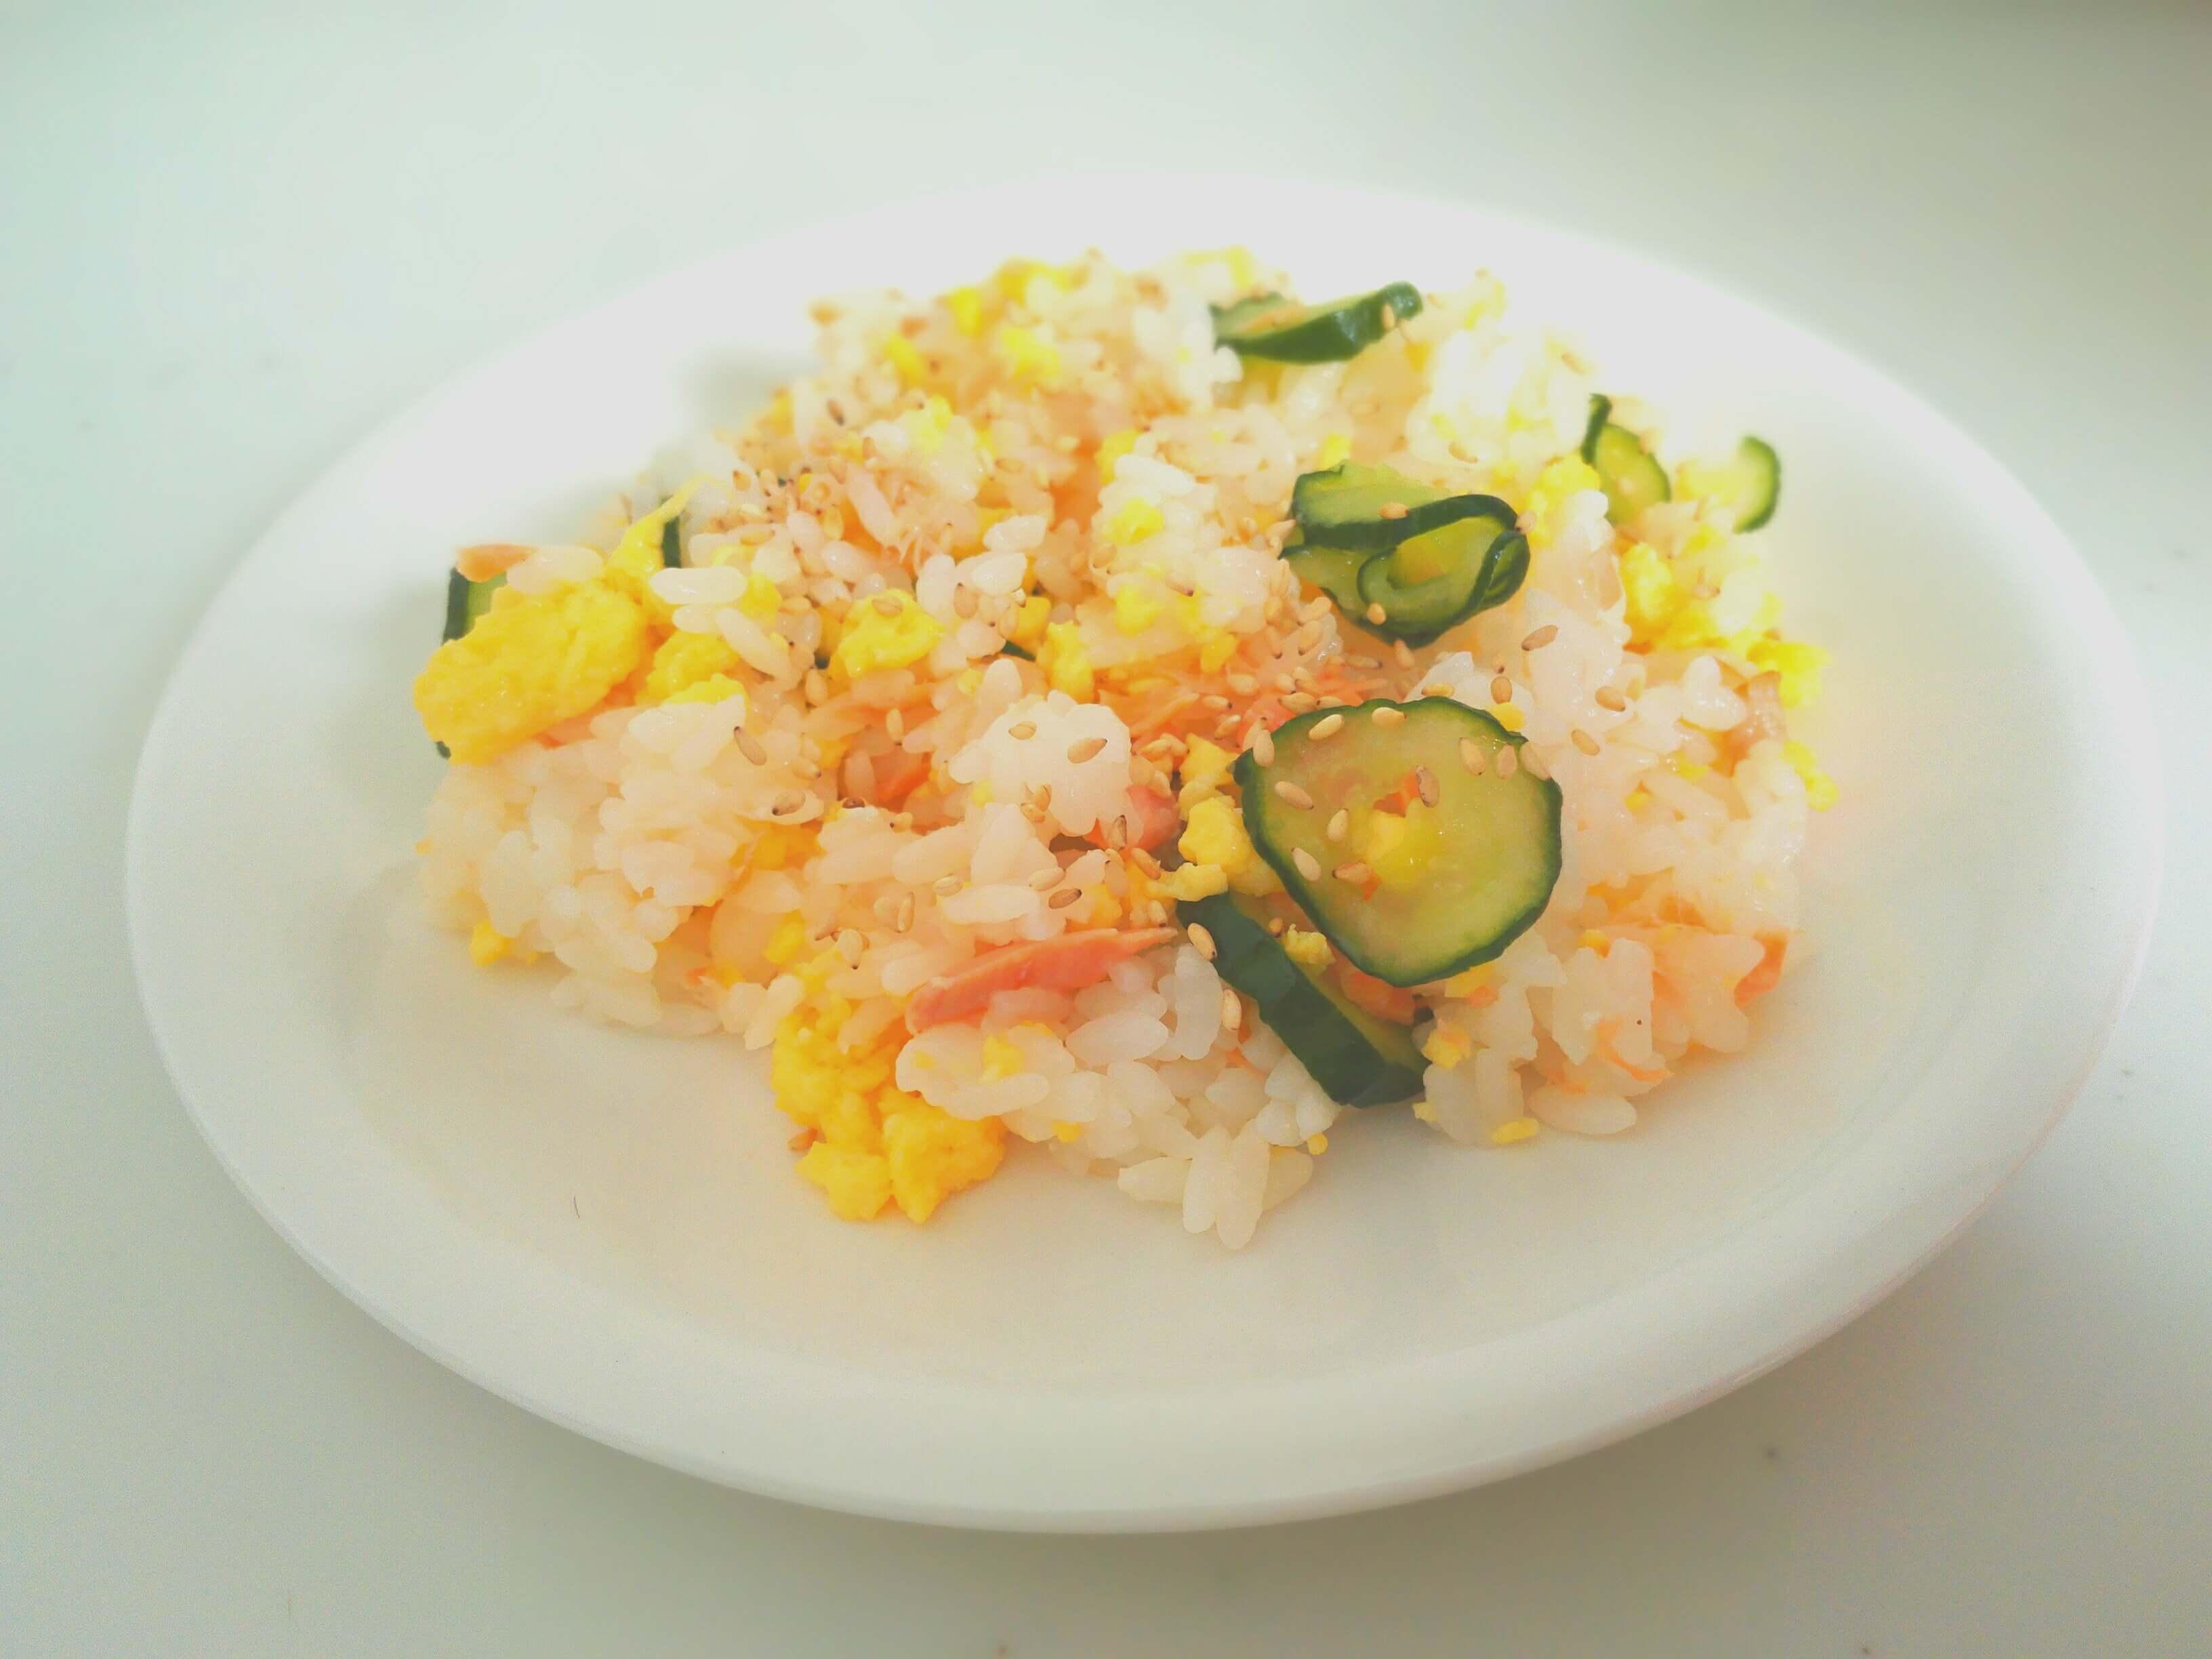 【ご飯】鮭と卵ときゅうりを使ったご飯のレシピをクックパッドで検索。